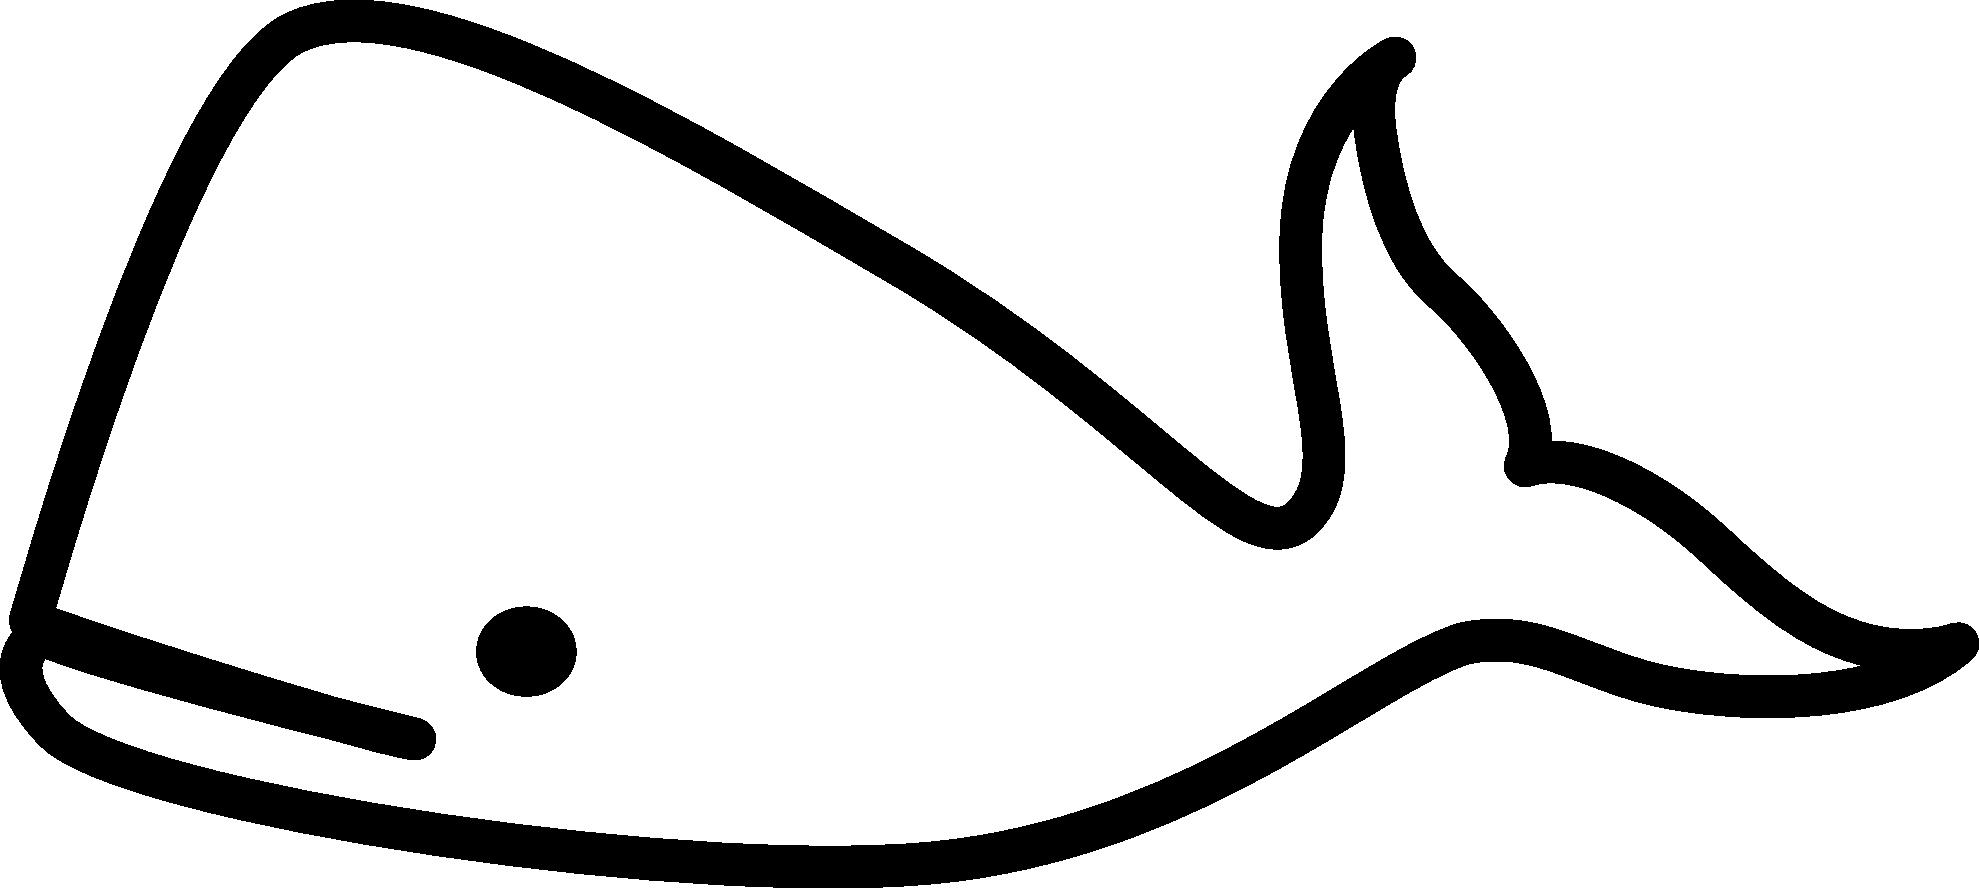 Whale clip art black. Orca clipart outline